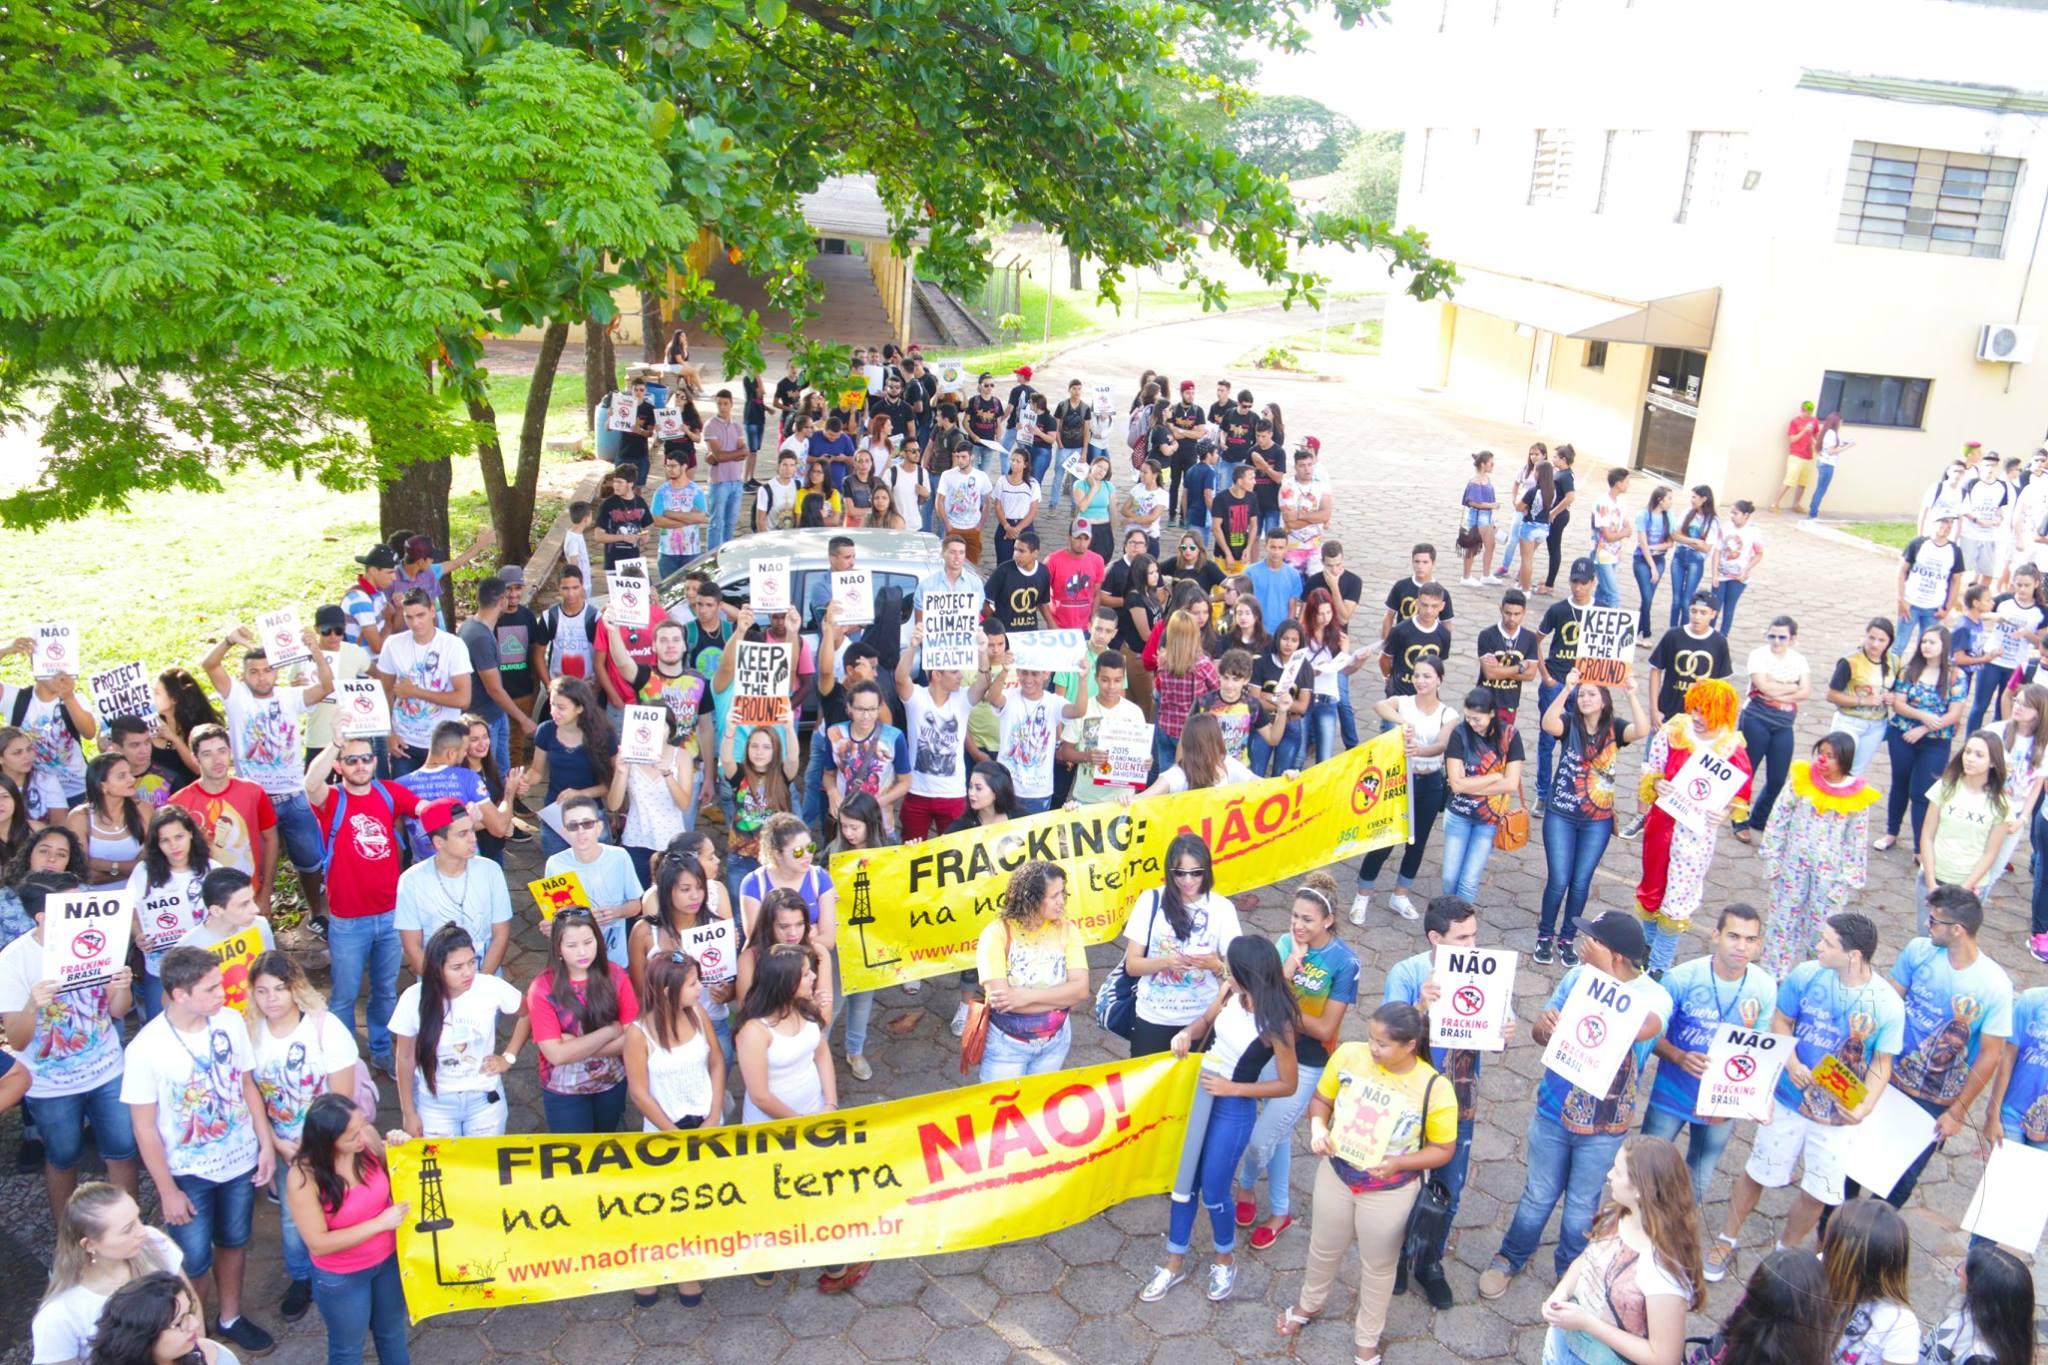 primeira lei anti-fracking